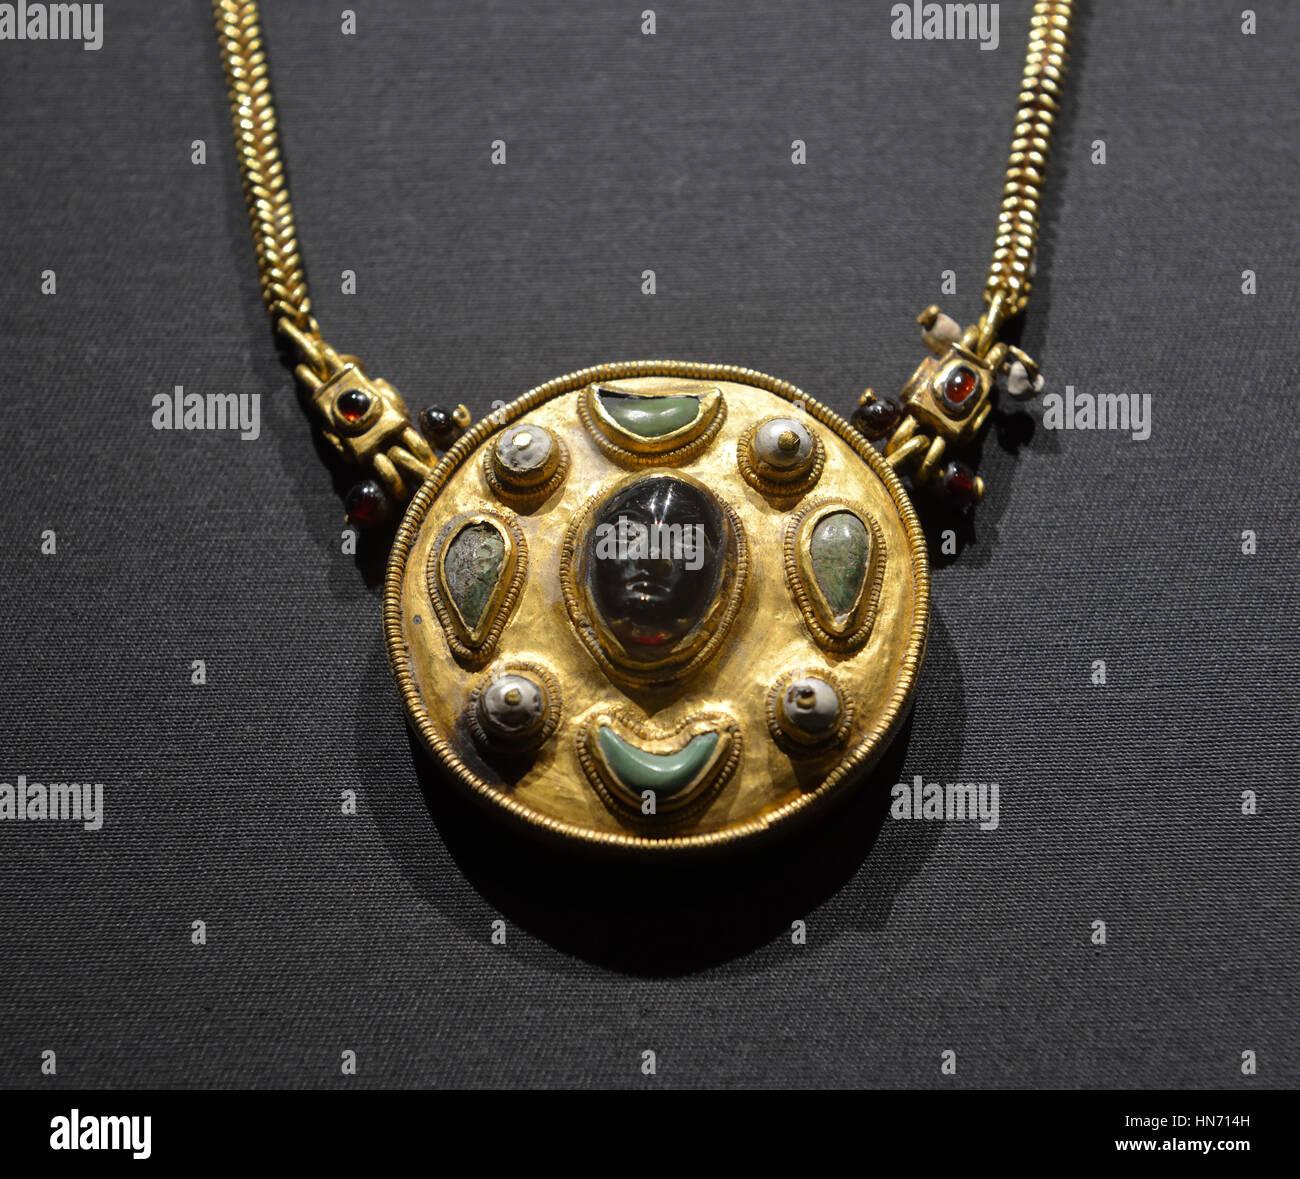 Collana con cameo. Thaj, Tell al-Zayer. I secolo d.c. Oro, perle,turchese e ruby.Museo Nazionale di Riyadh. Immagini Stock